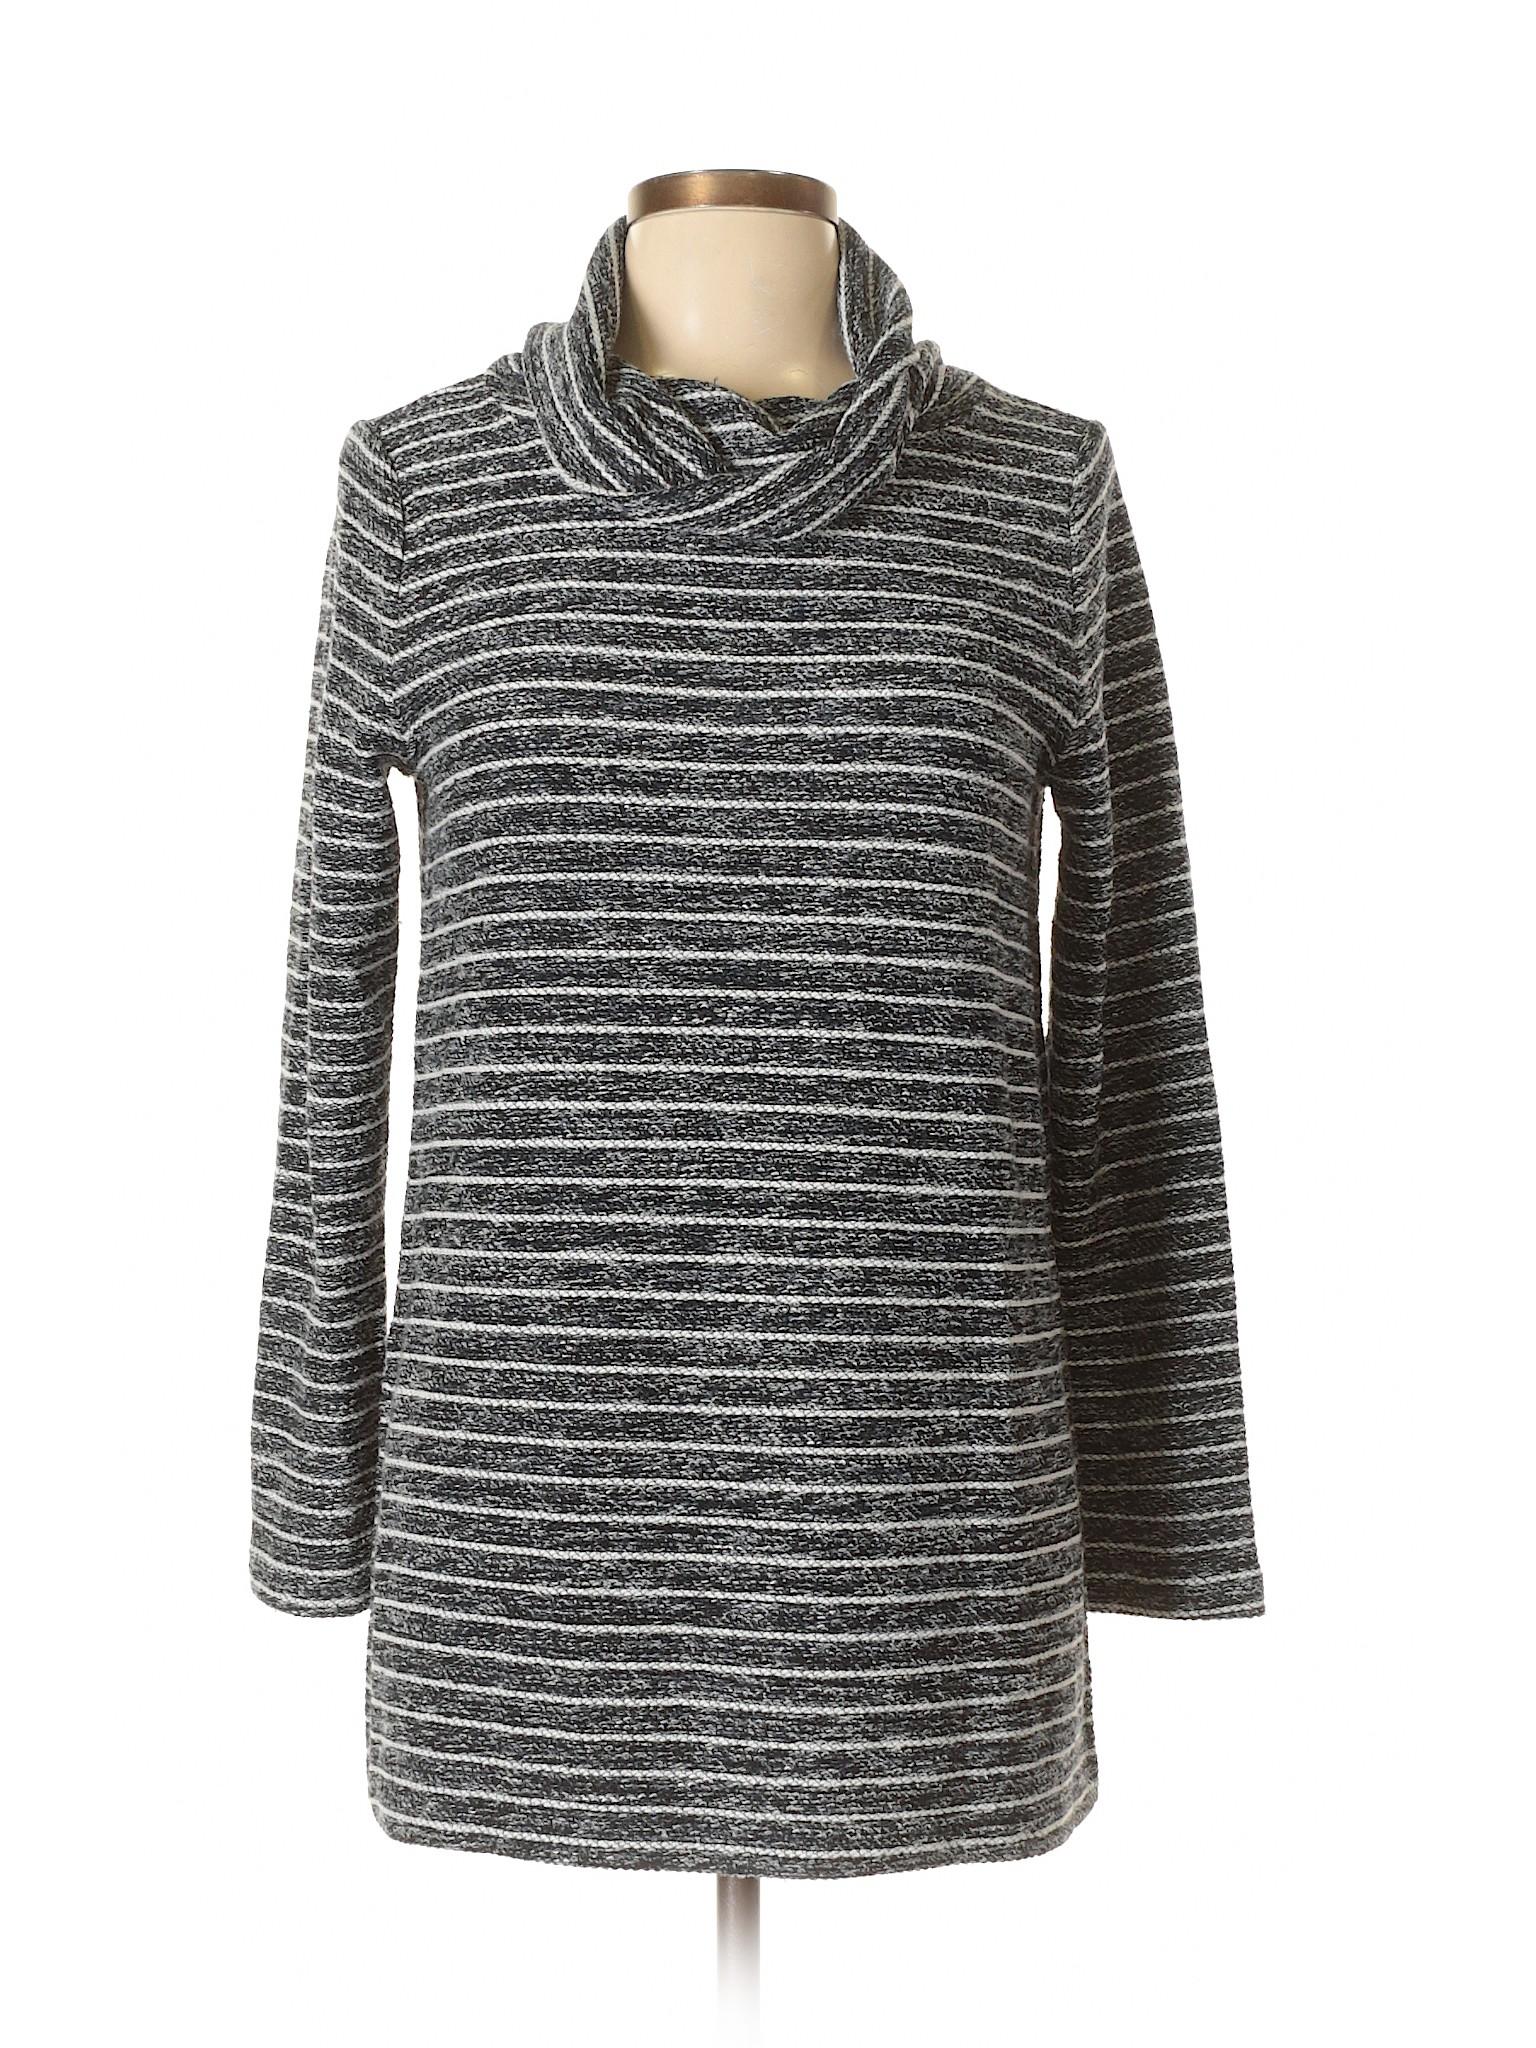 Taylor Sweater Boutique Ann LOFT Pullover 6Pw0fvqp